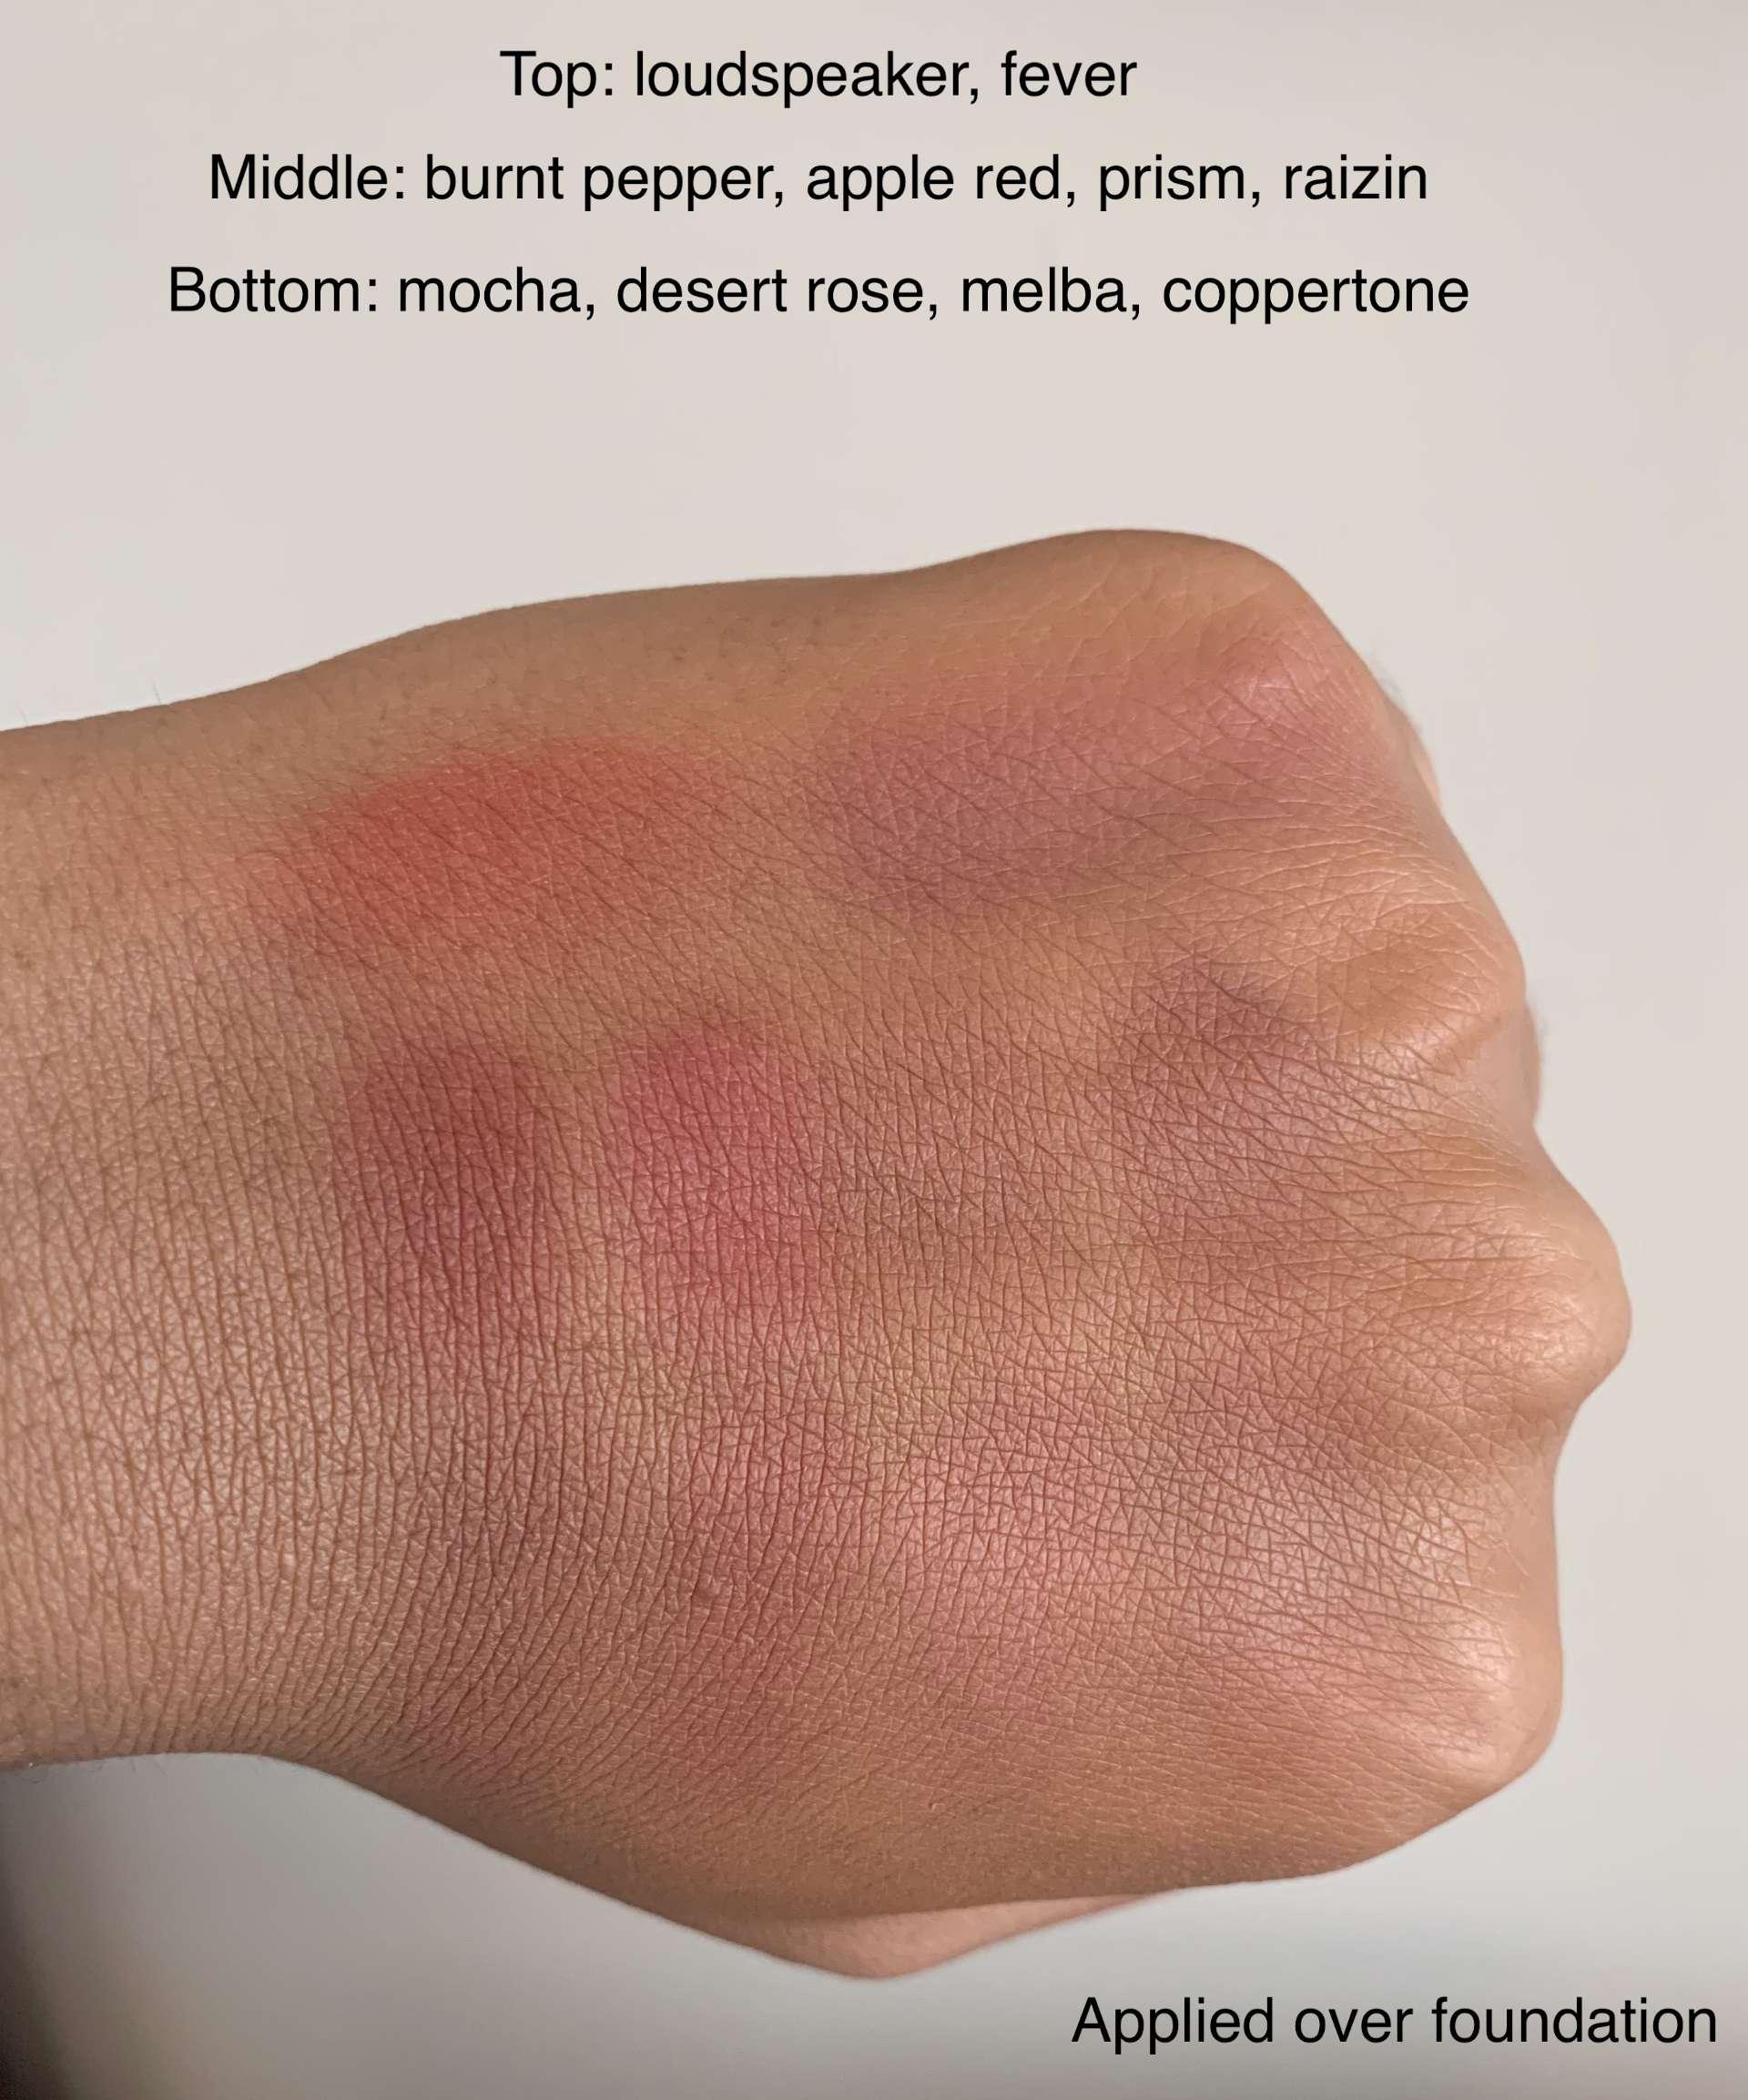 MAC Matte Blush (loudspeaker, fever, burnt pepper, apple red, prism, raizin, mocha, desert rose, melba, coppertone) swatches dark skin